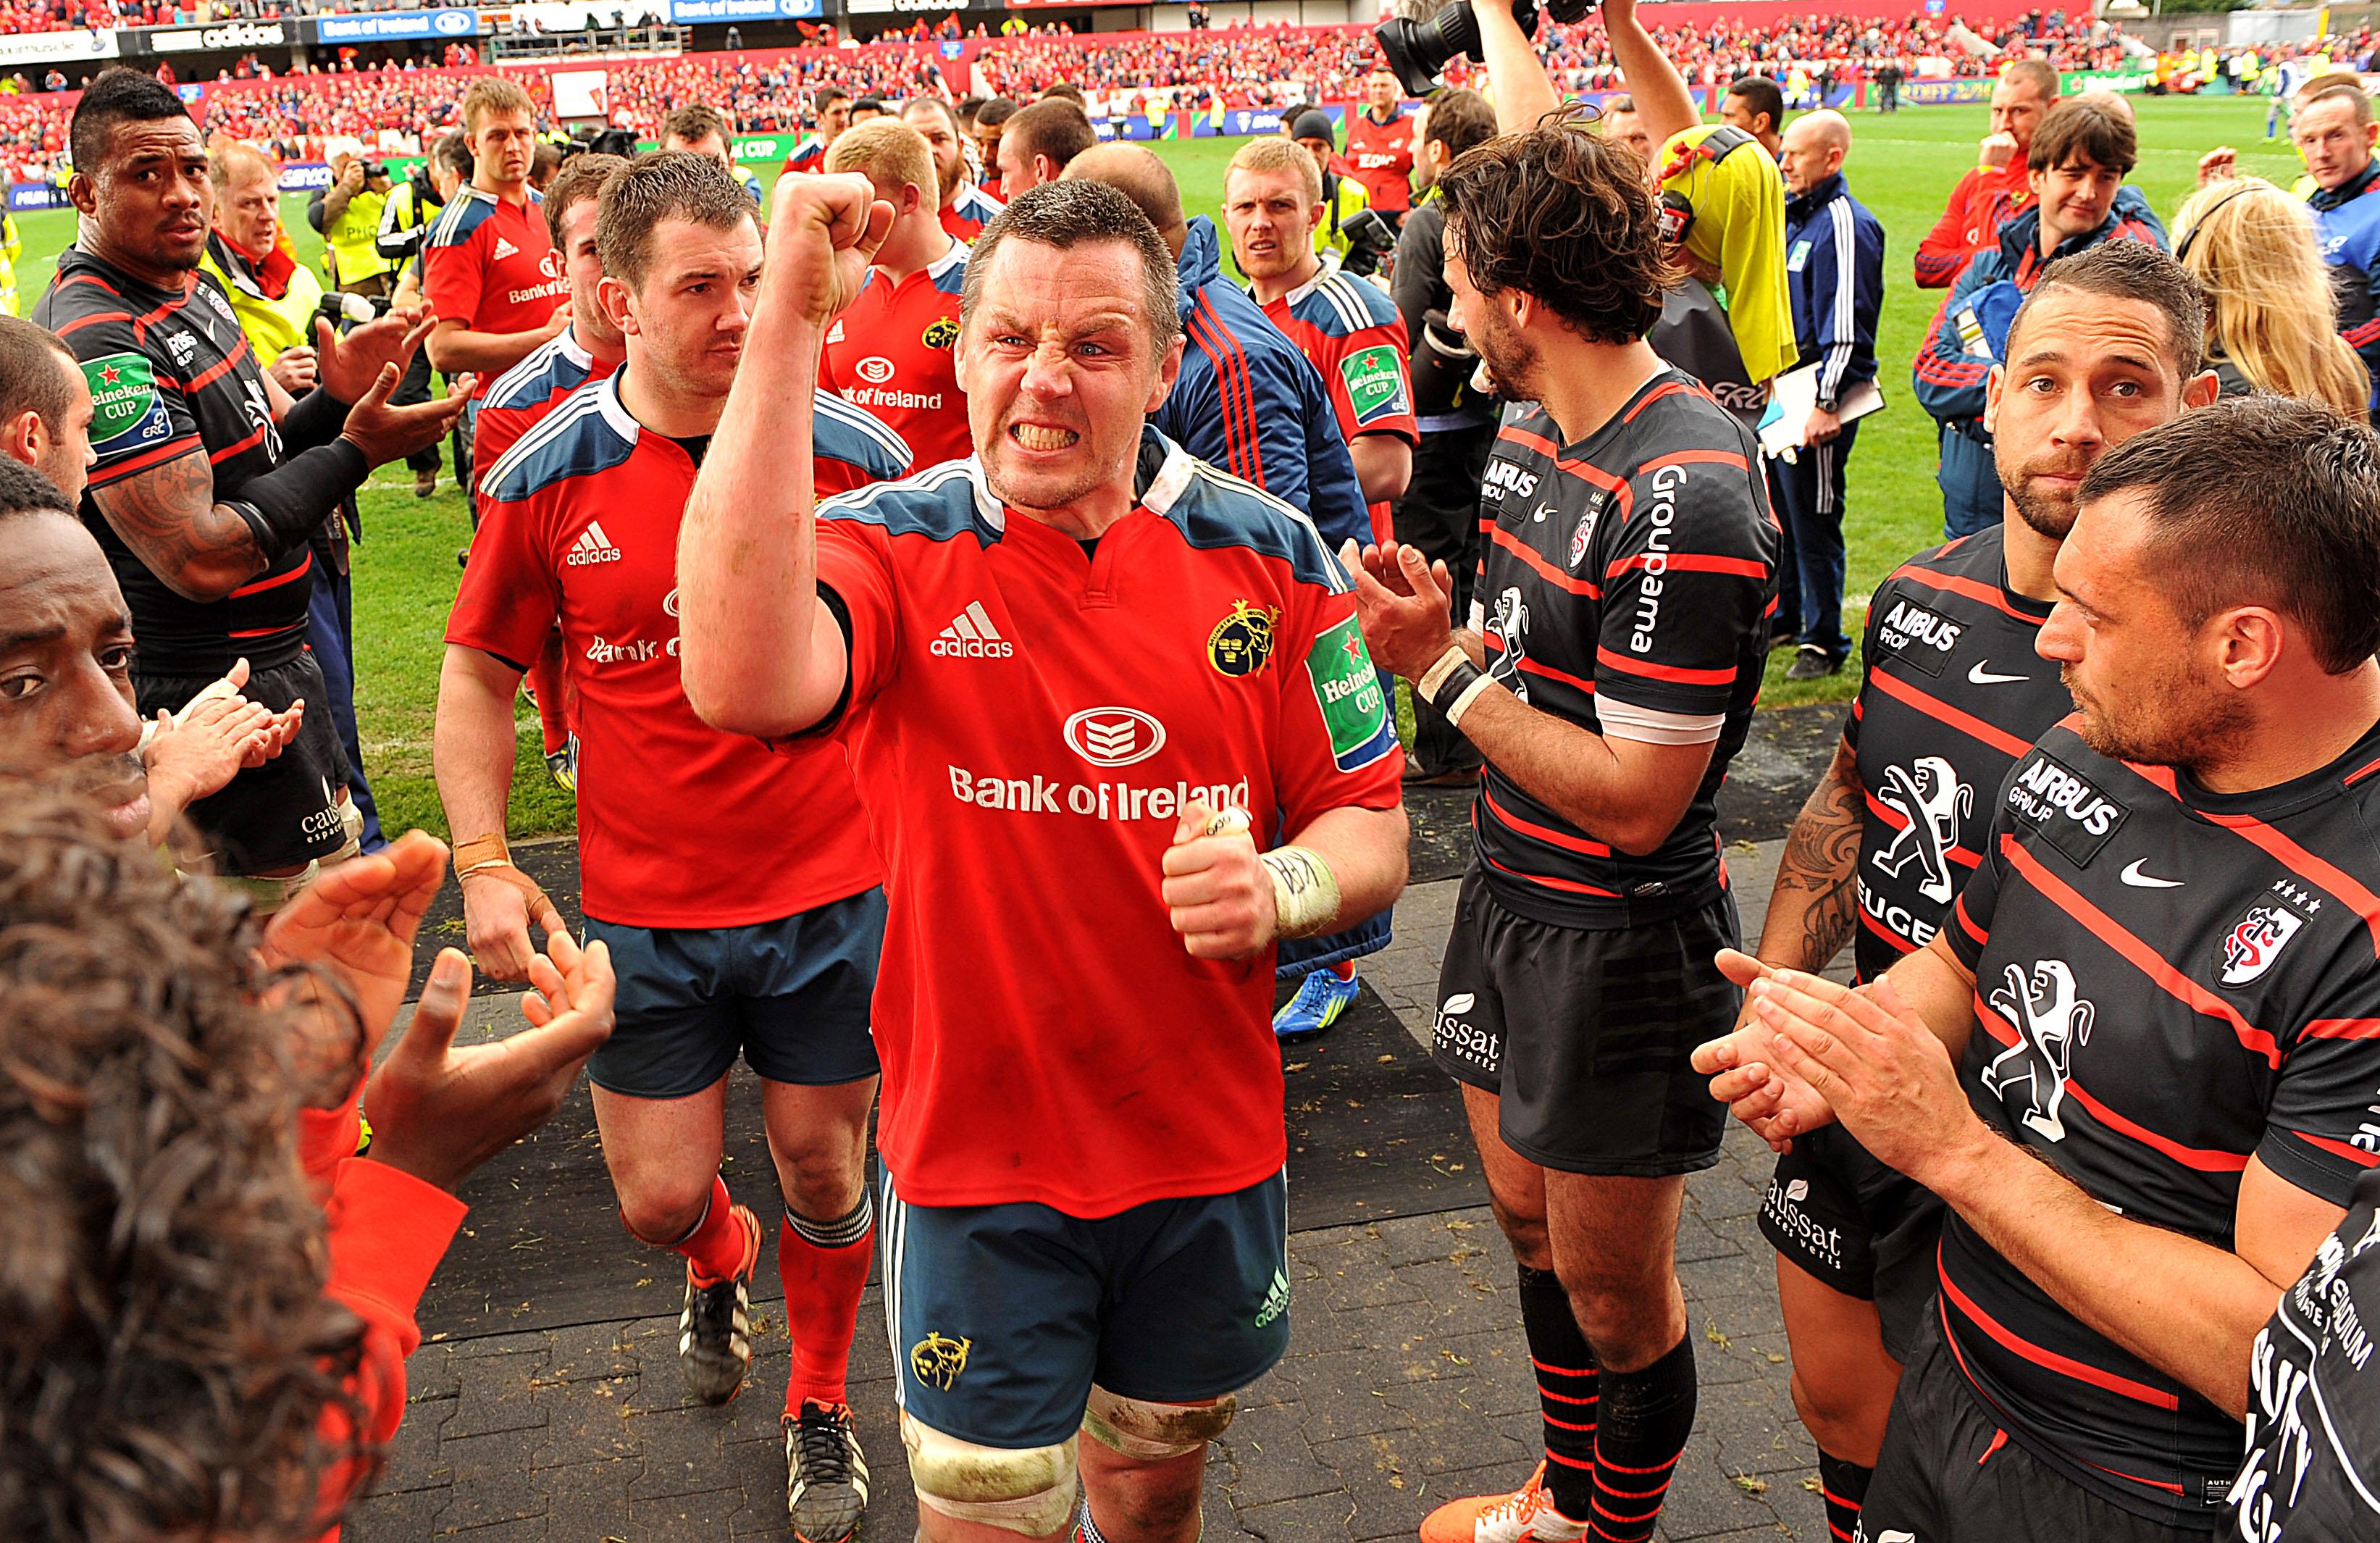 'Fantastic' says Coughlan